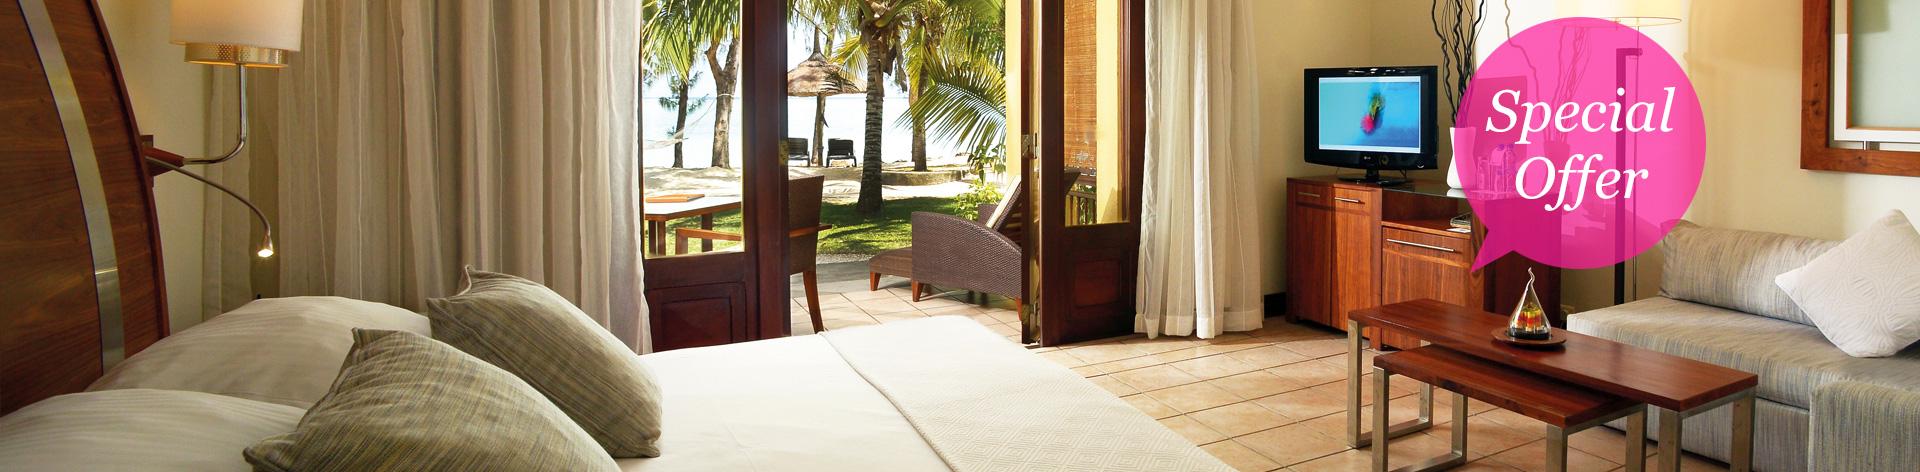 Получите 30% СКИДКУ в 4 и 5 звёздочных Отелях на Маврикии